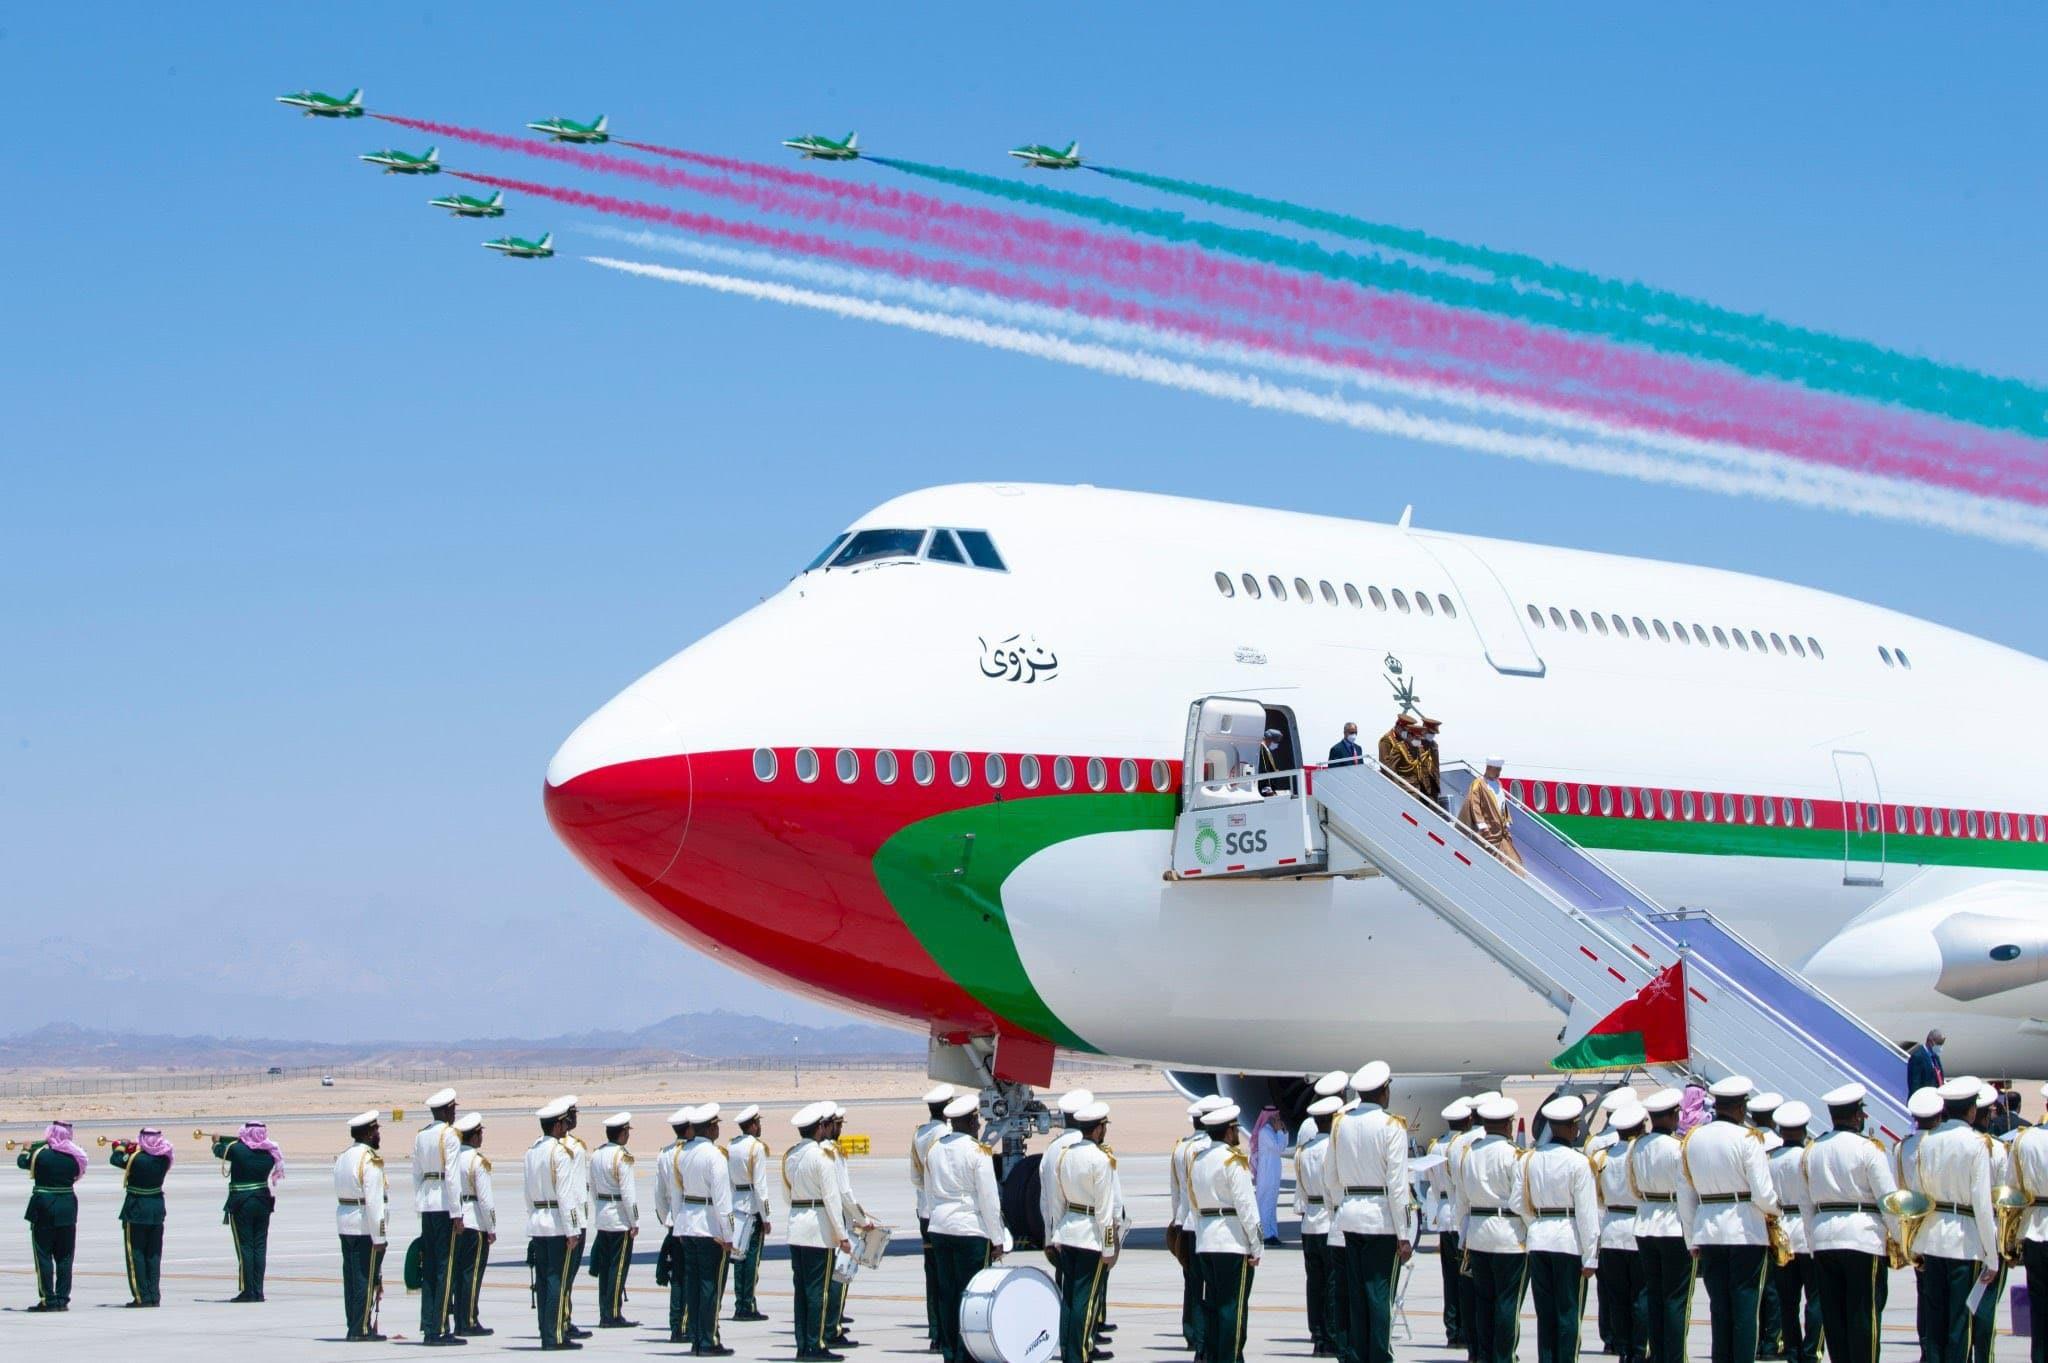 """""""طائرة نزوى"""".. ما سر تسمية طائرة السلطان هيثم بن طارق بهذا الاسم؟"""